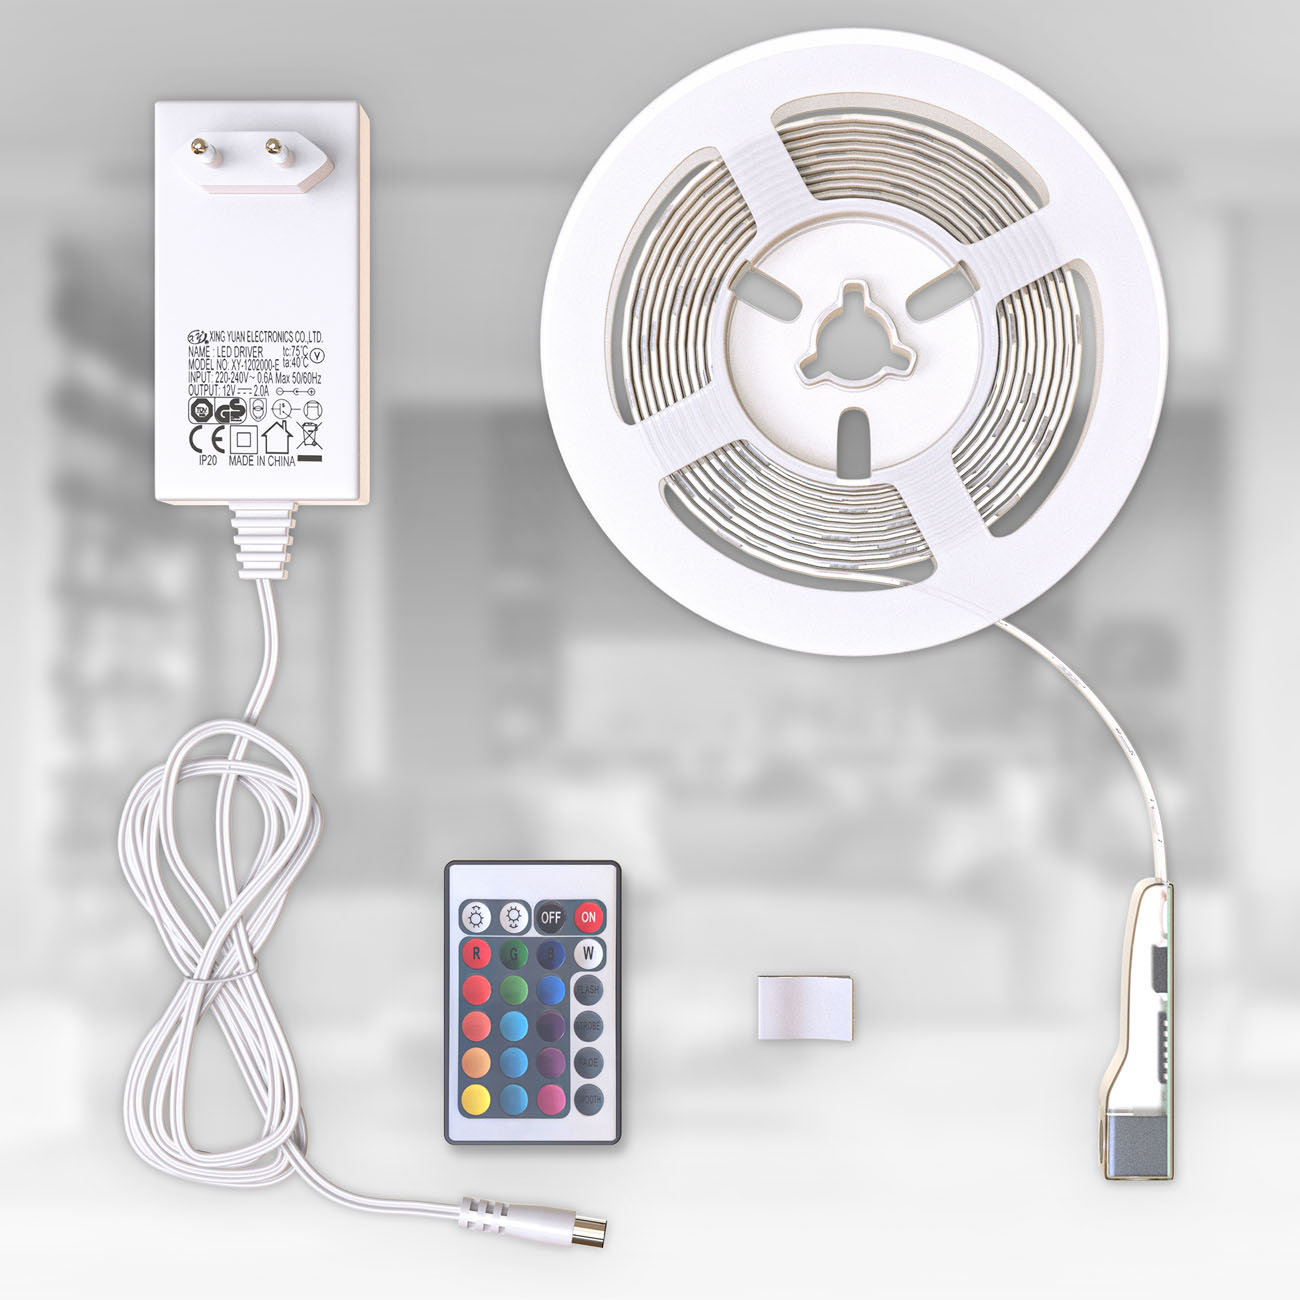 RGB LED Streifen mit Farbwechsel silikonbeschichtet 3m - 9